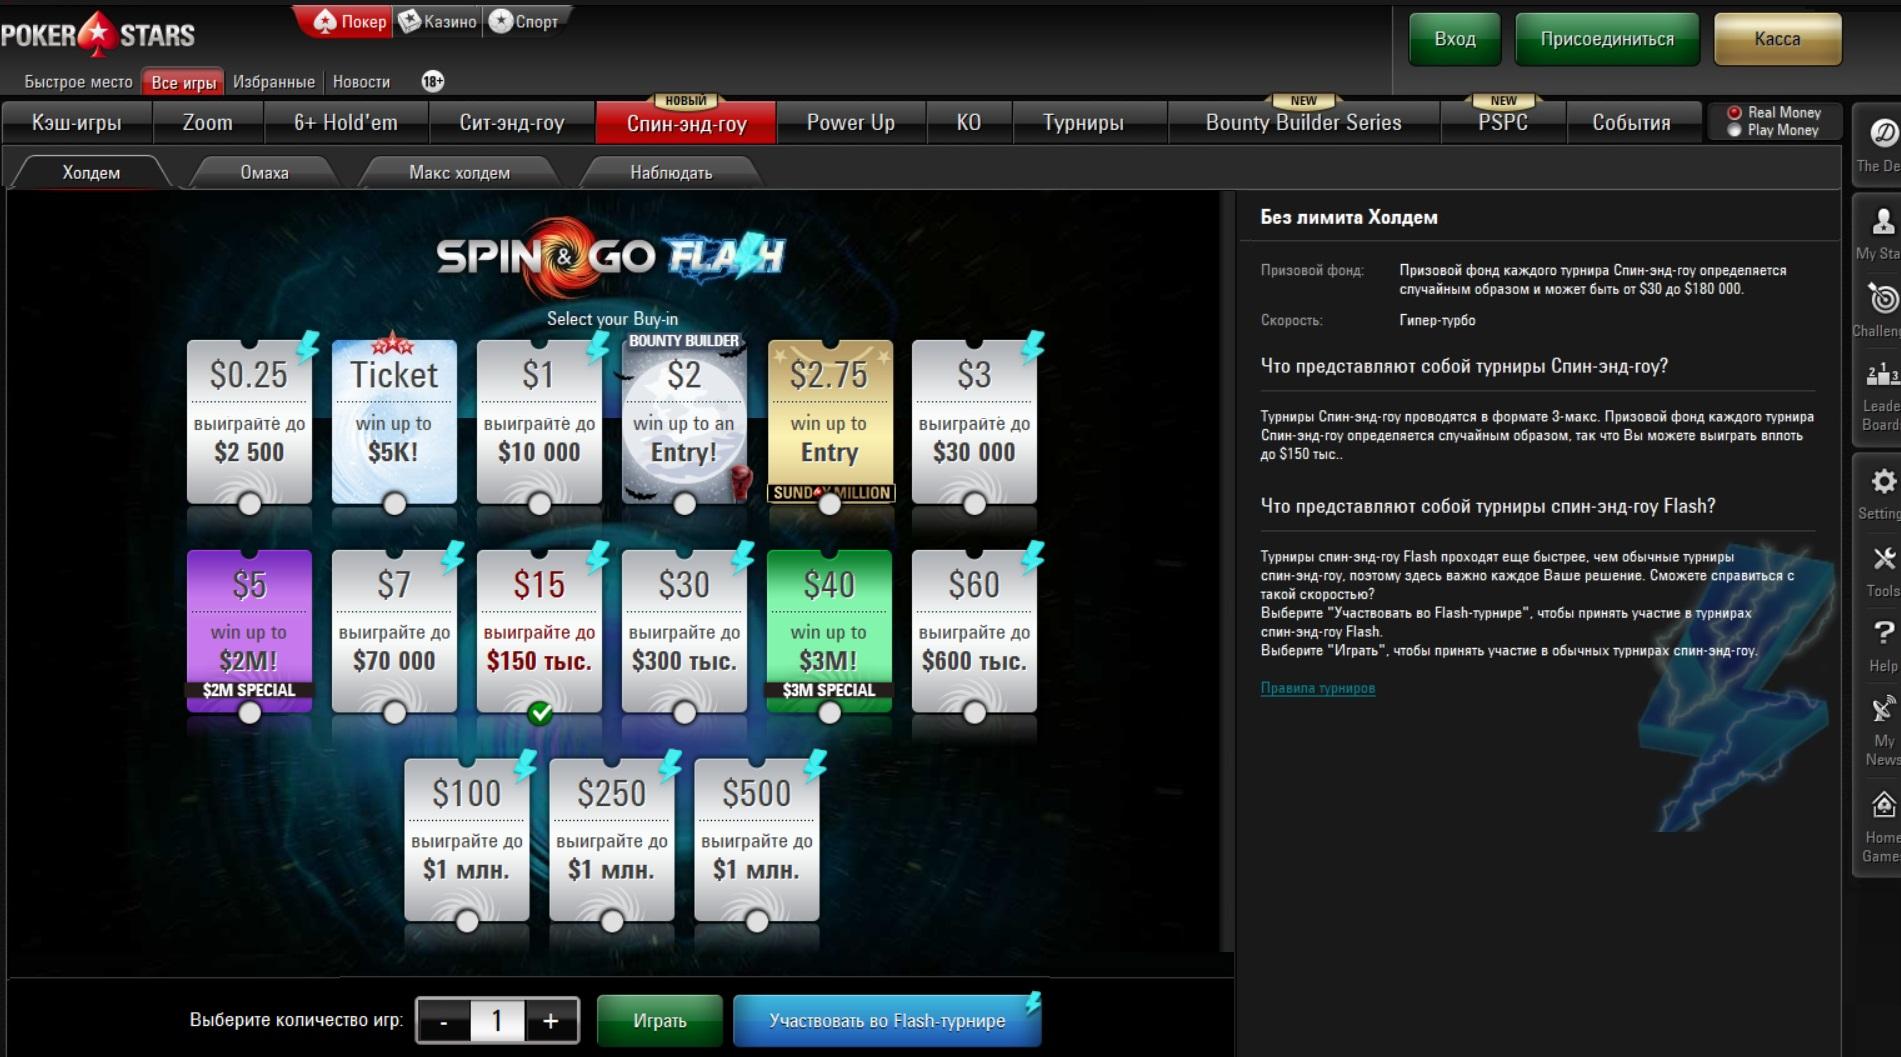 Как сыграть в новых быстрых Spin&Go?